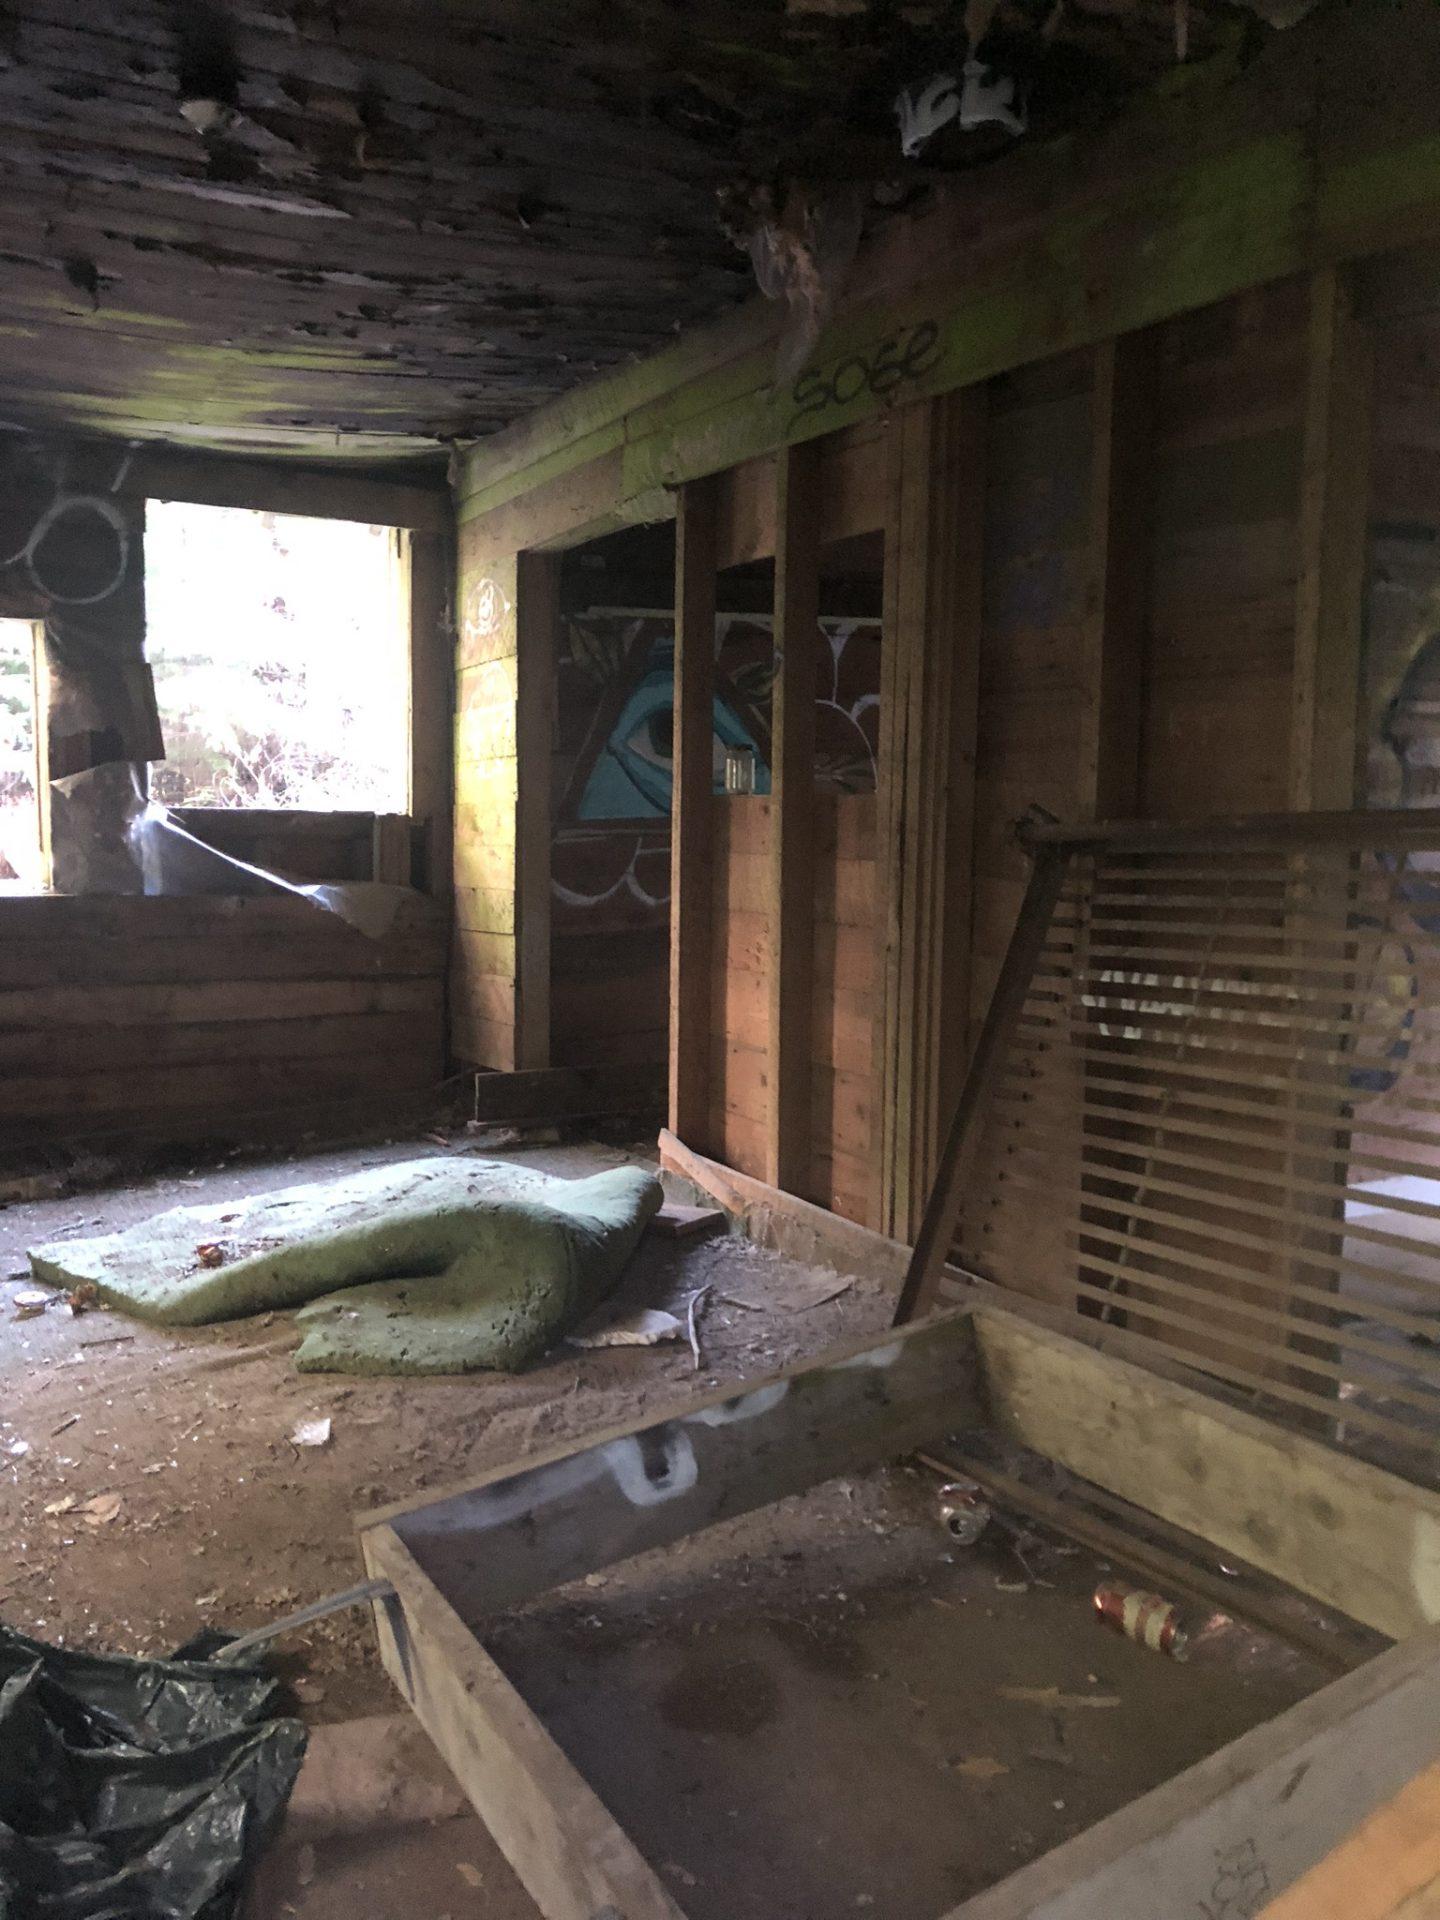 Inside the abandoned house in Parkhurst, Whistler